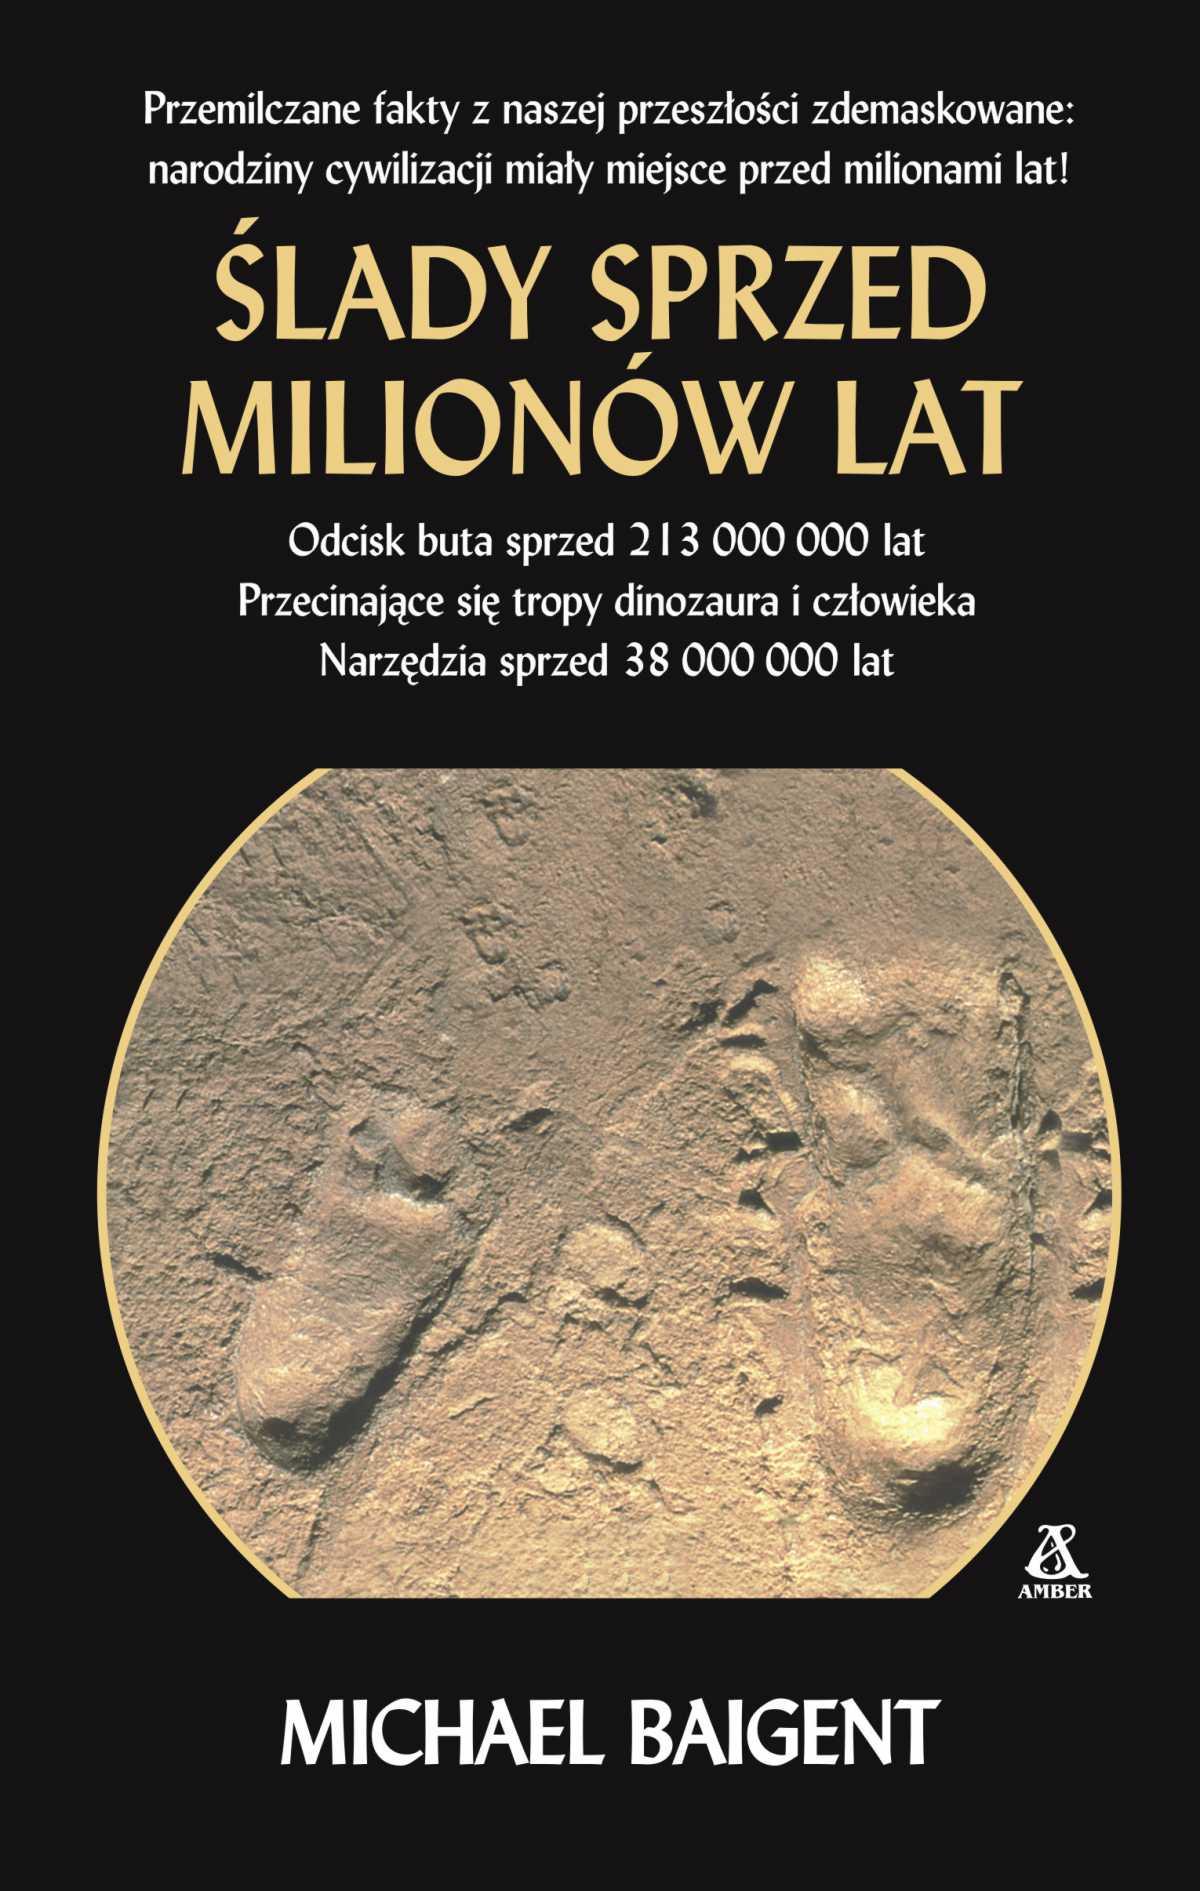 Ślady sprzed milionów lat - Ebook (Książka EPUB) do pobrania w formacie EPUB